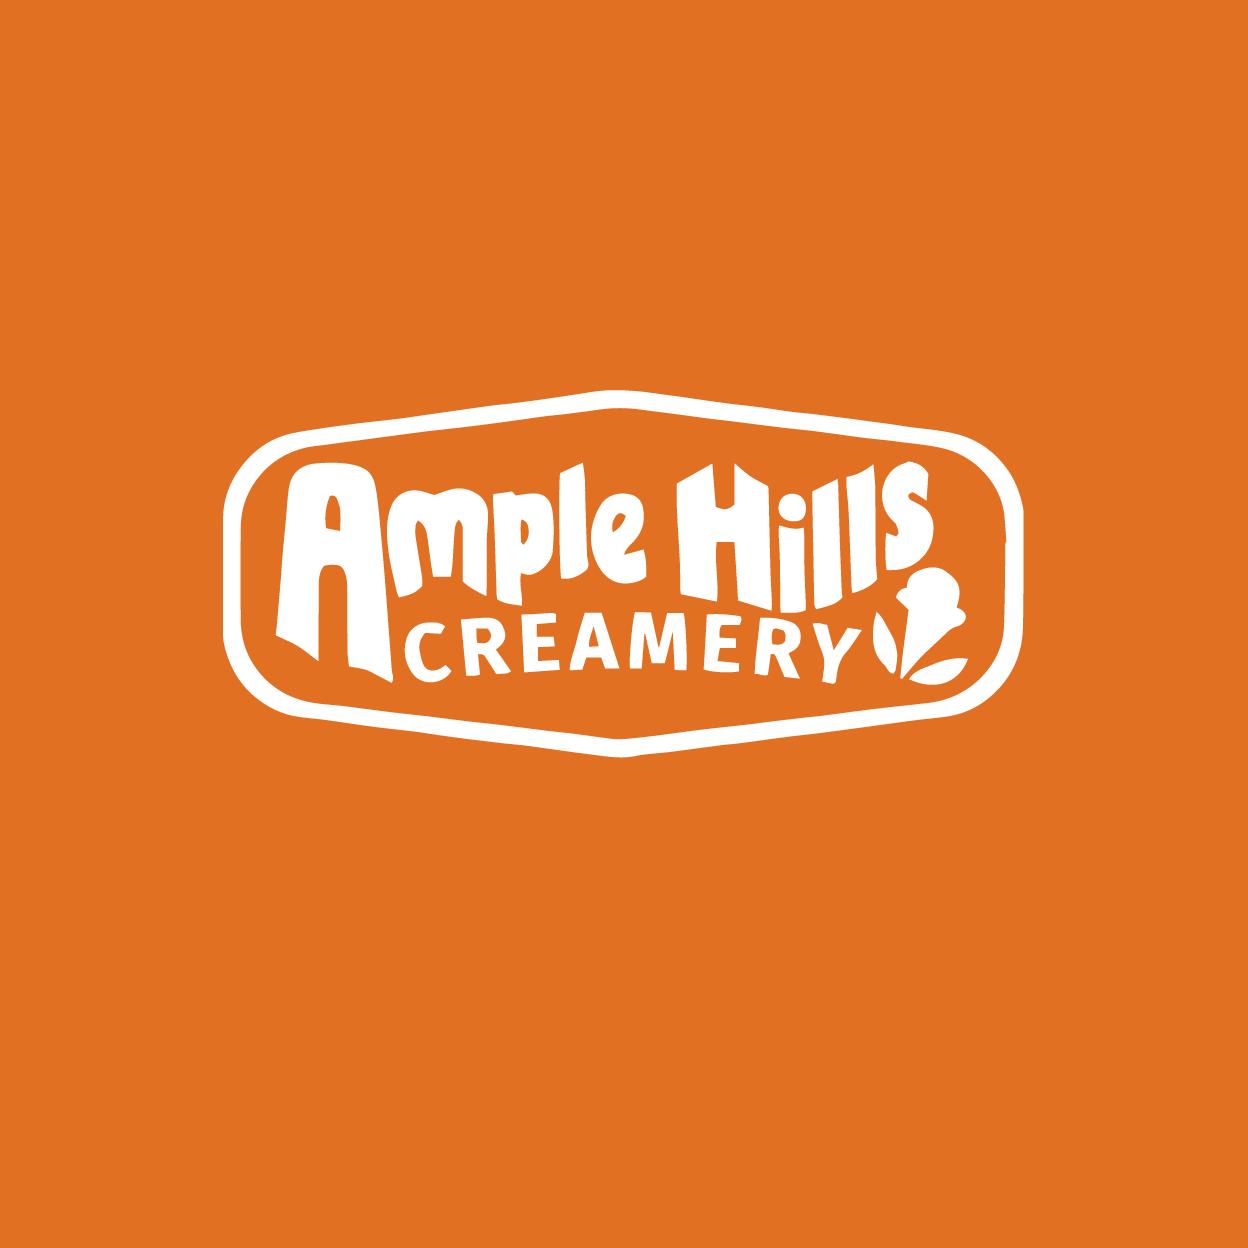 A multi-channel ice cream brand